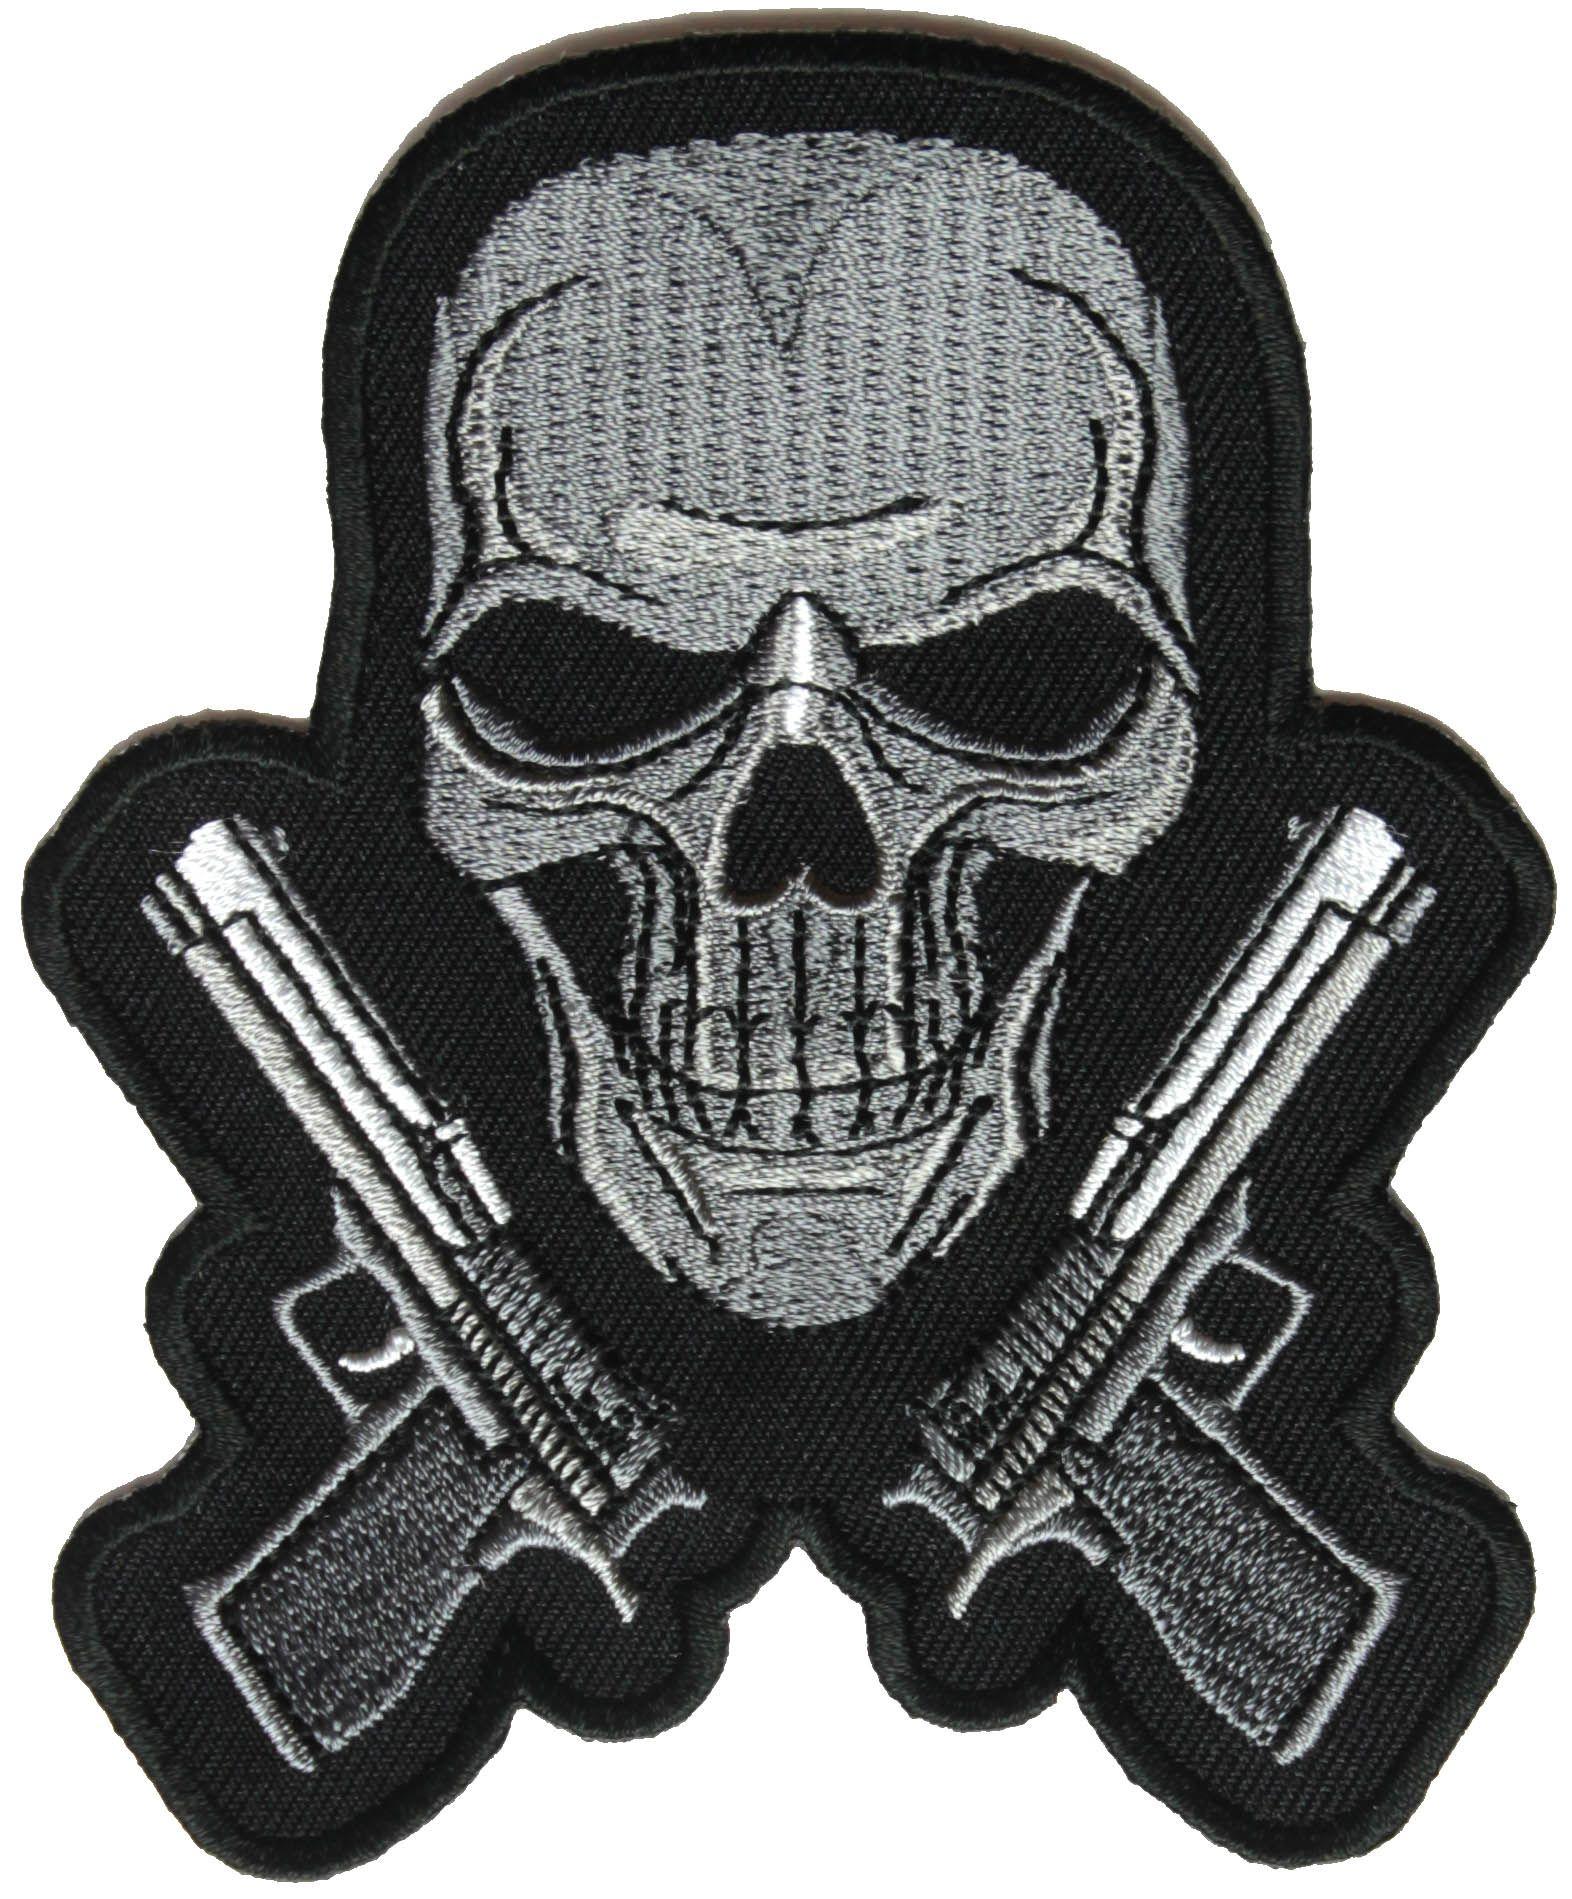 Siyah ve Beyaz Guns ve Kafatası Metal İşlemeli Demir On DIY Aplike Geri Yama-3.5 * 4.25 INÇ Ücretsiz Kargo